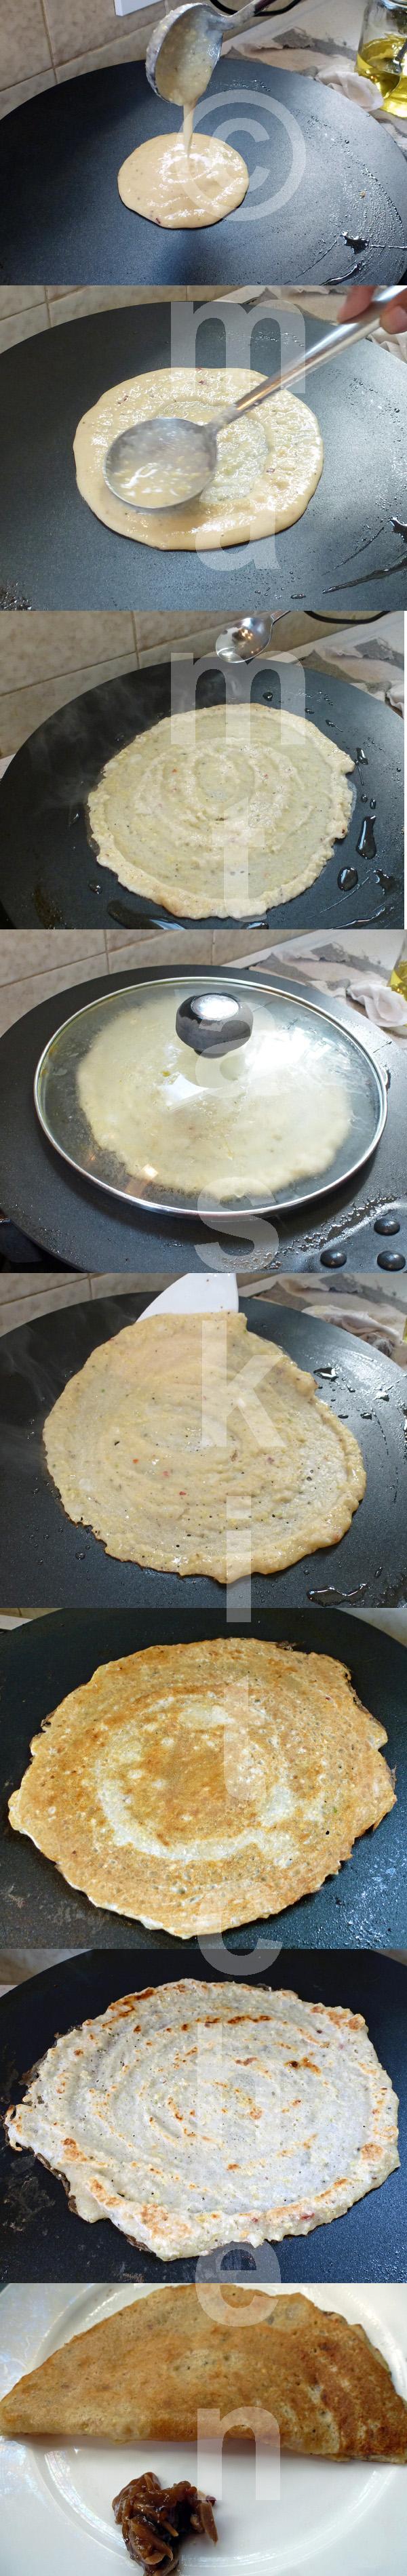 Mung Dal (Green Gram) Savoury Chilla Pancakes 1